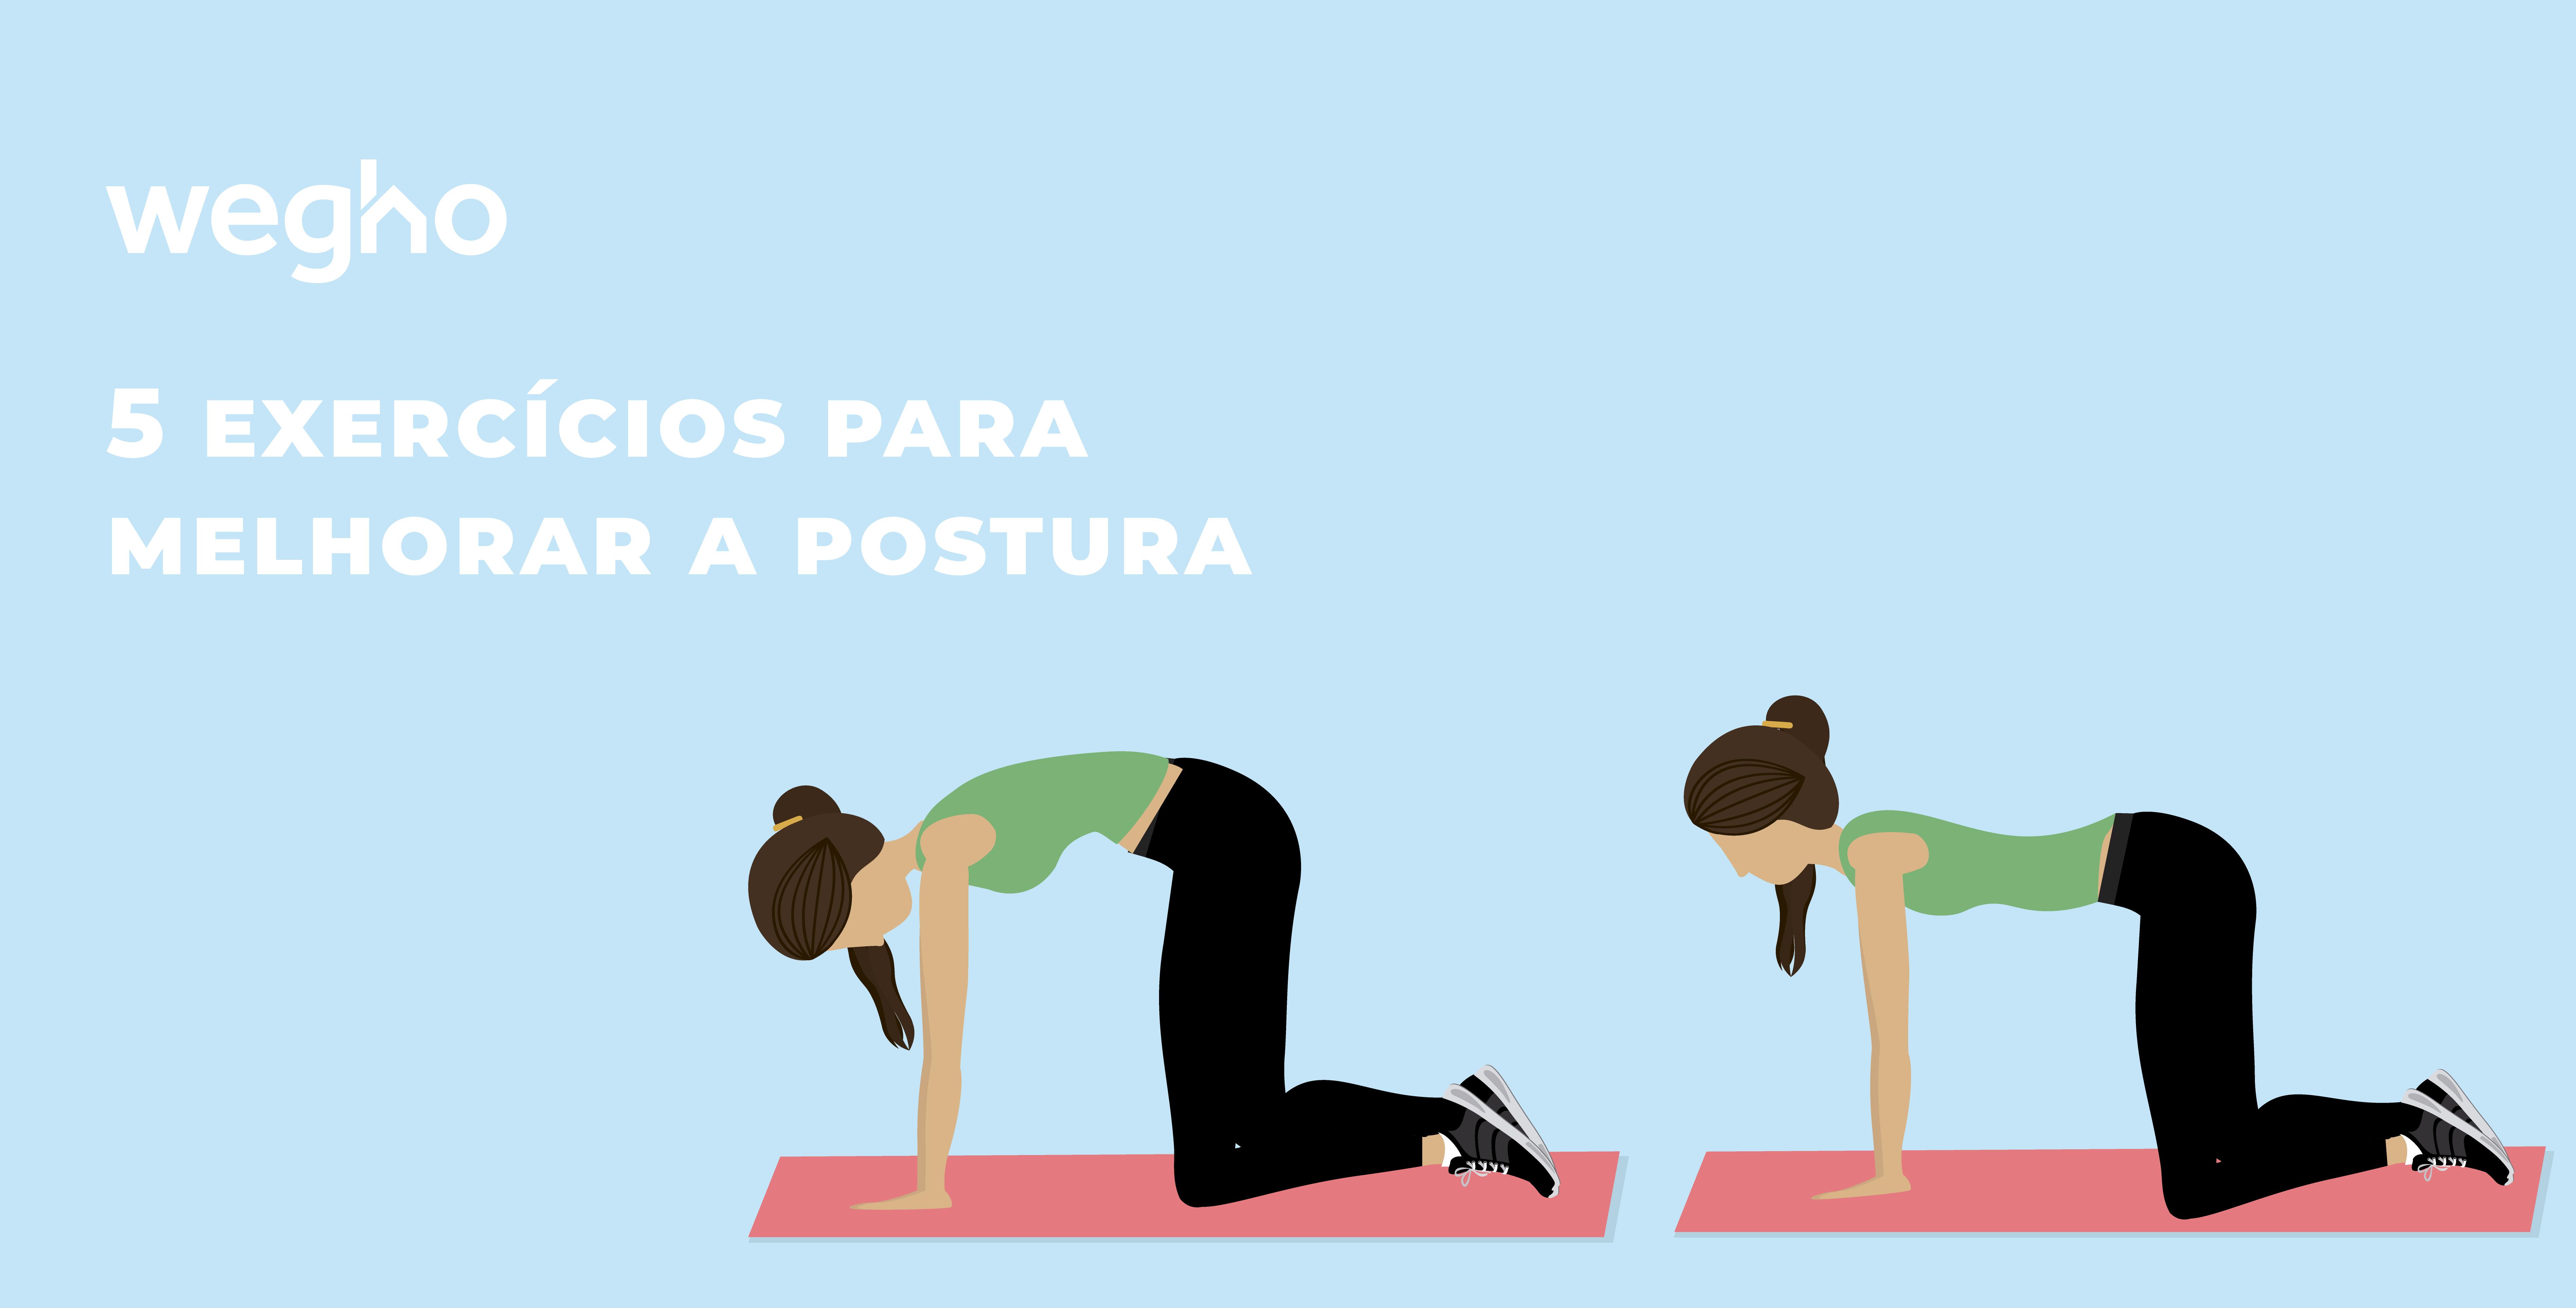 Exercícios para corrigir a postura | Wegho